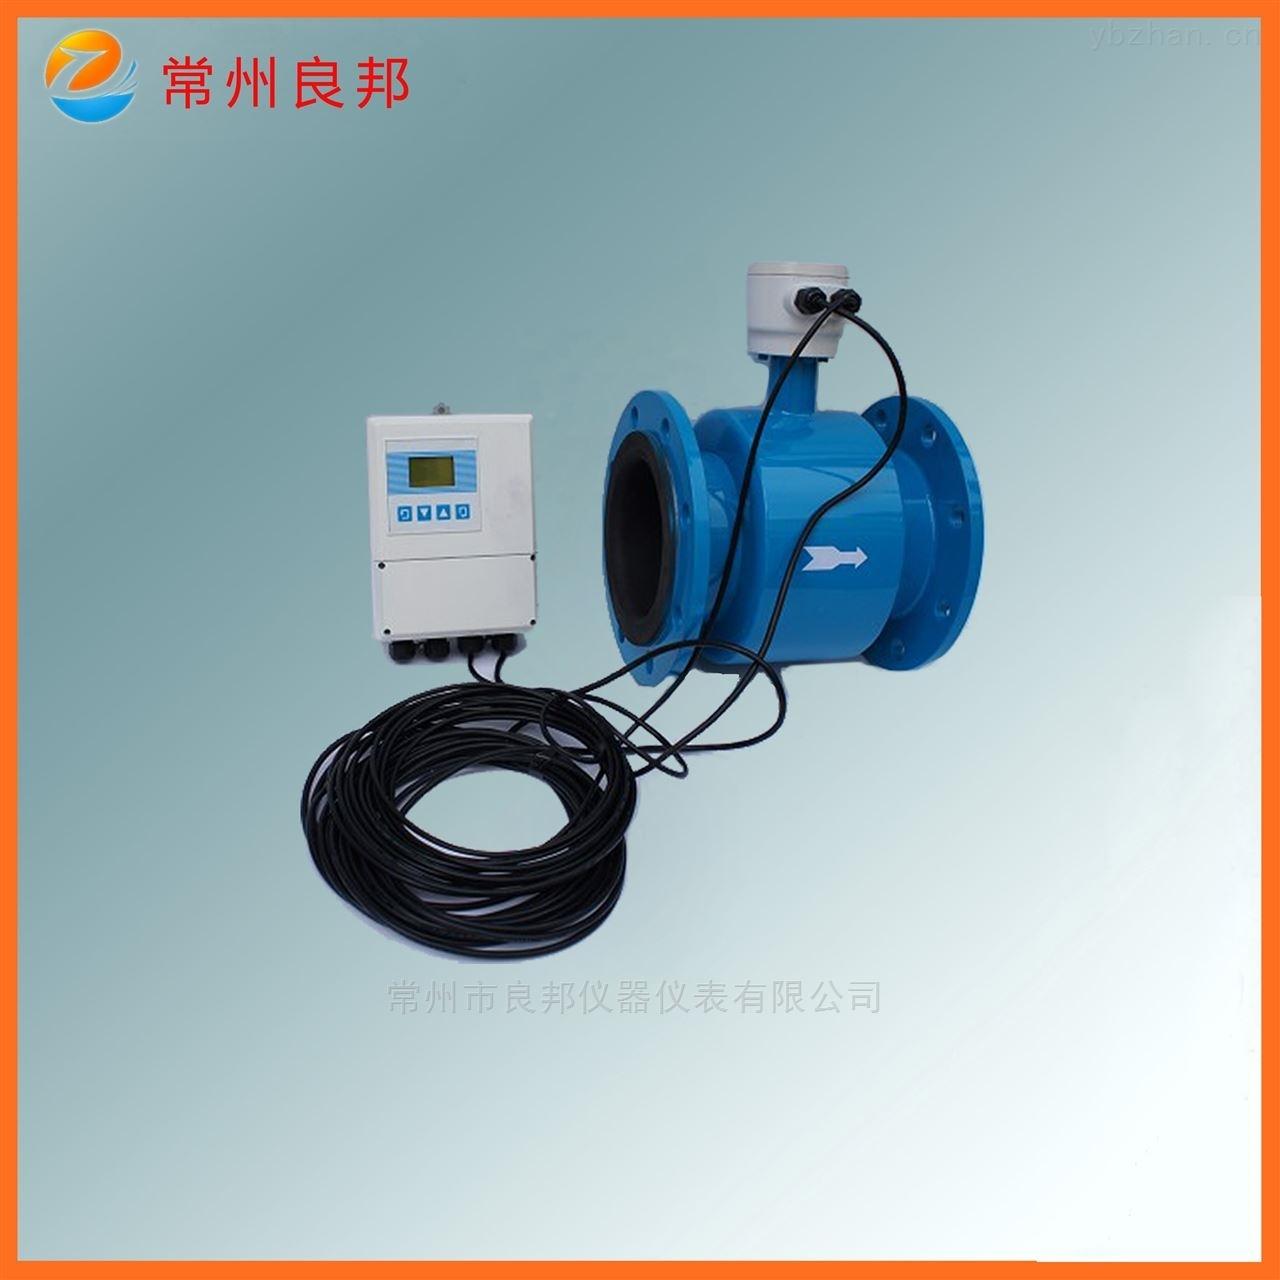 LDG-80/CR-智能污水电磁流量计厂家